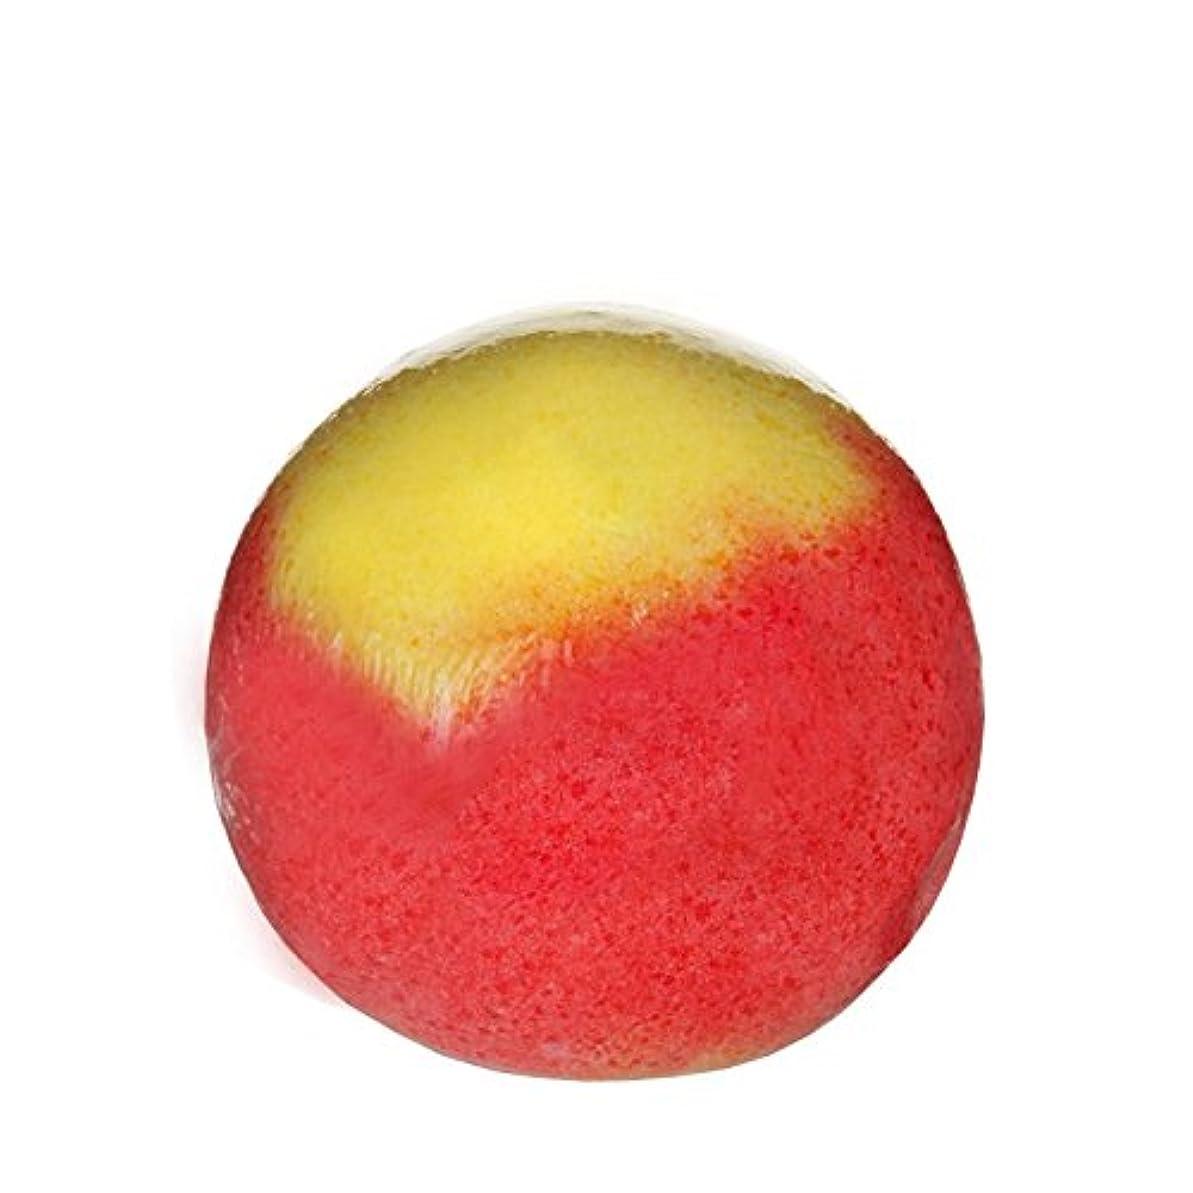 開始切断する学んだTreetsバスボールカラーパーティー170グラム - Treets Bath Ball Colour Party 170g (Treets) [並行輸入品]